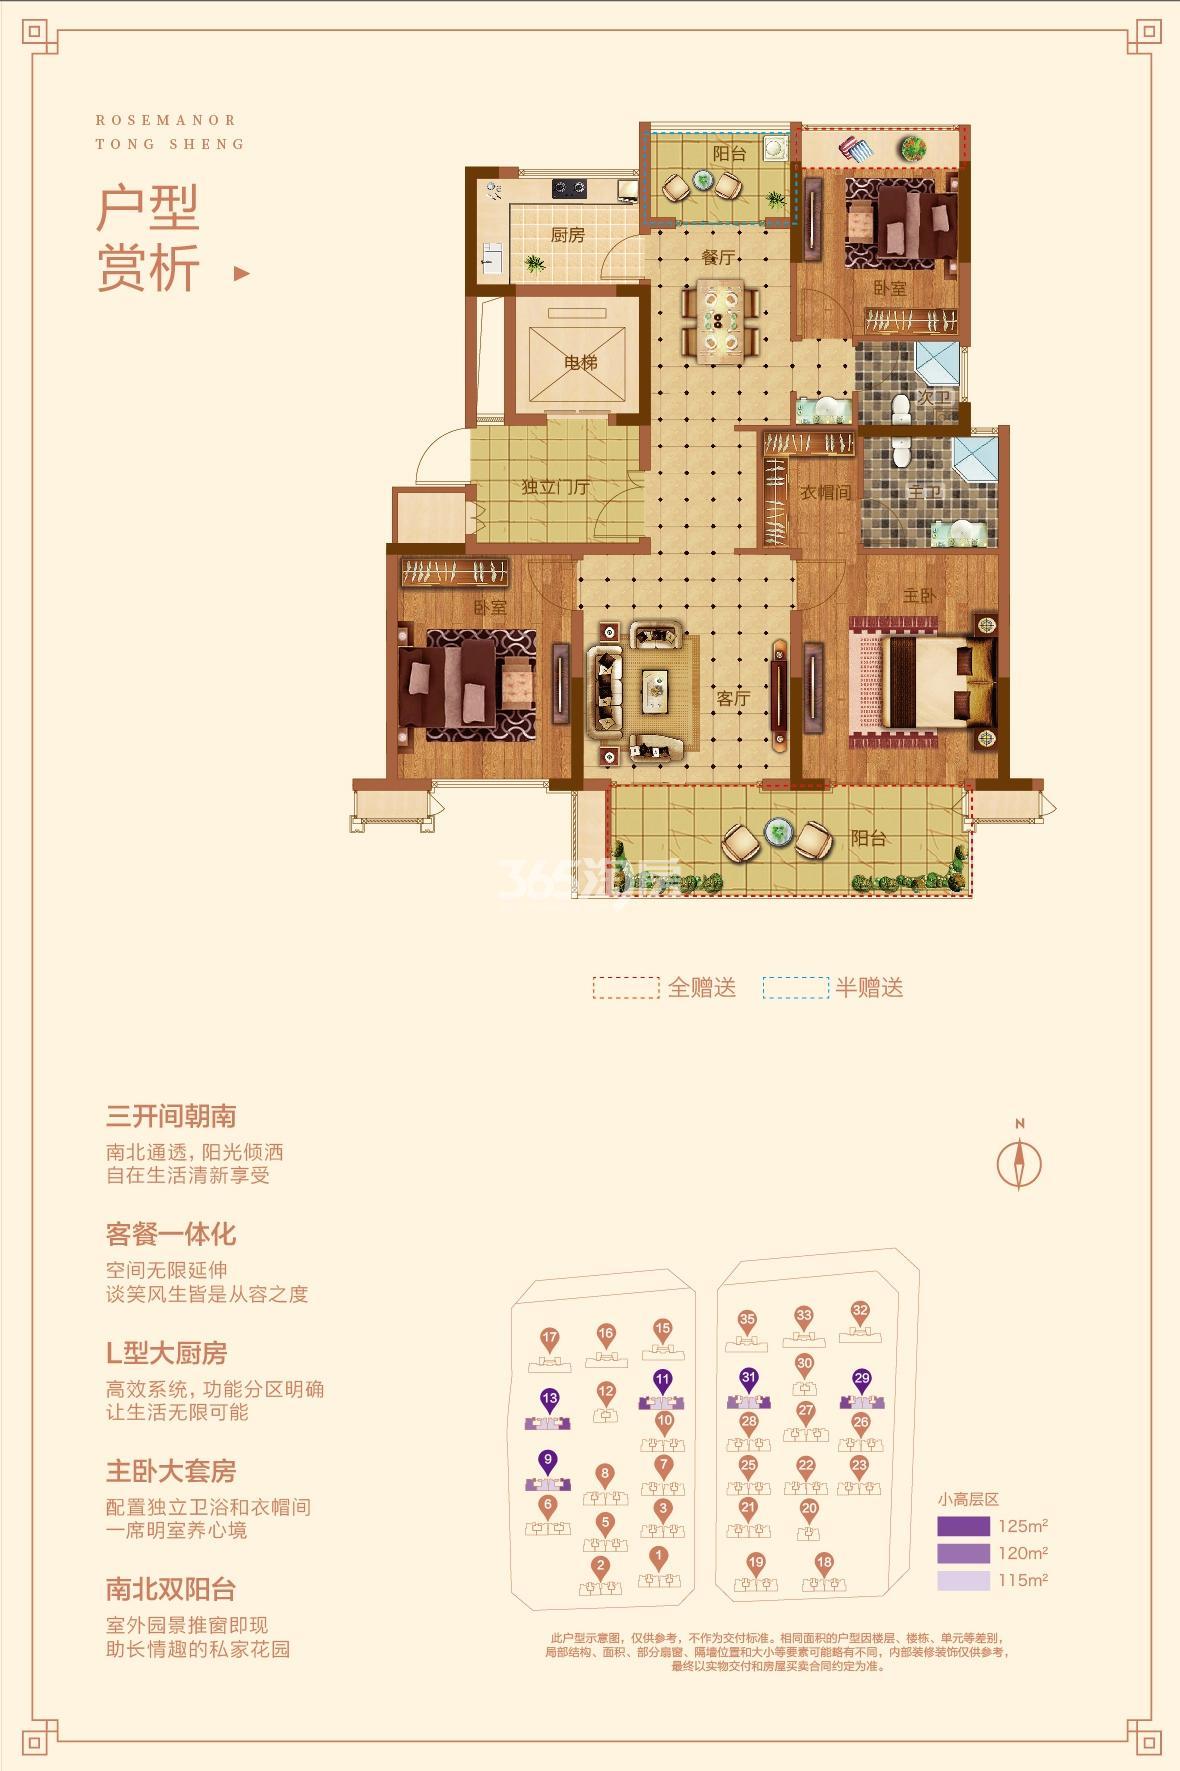 同昇玫瑰庄园X1: 三室 二厅 二卫 115-125㎡